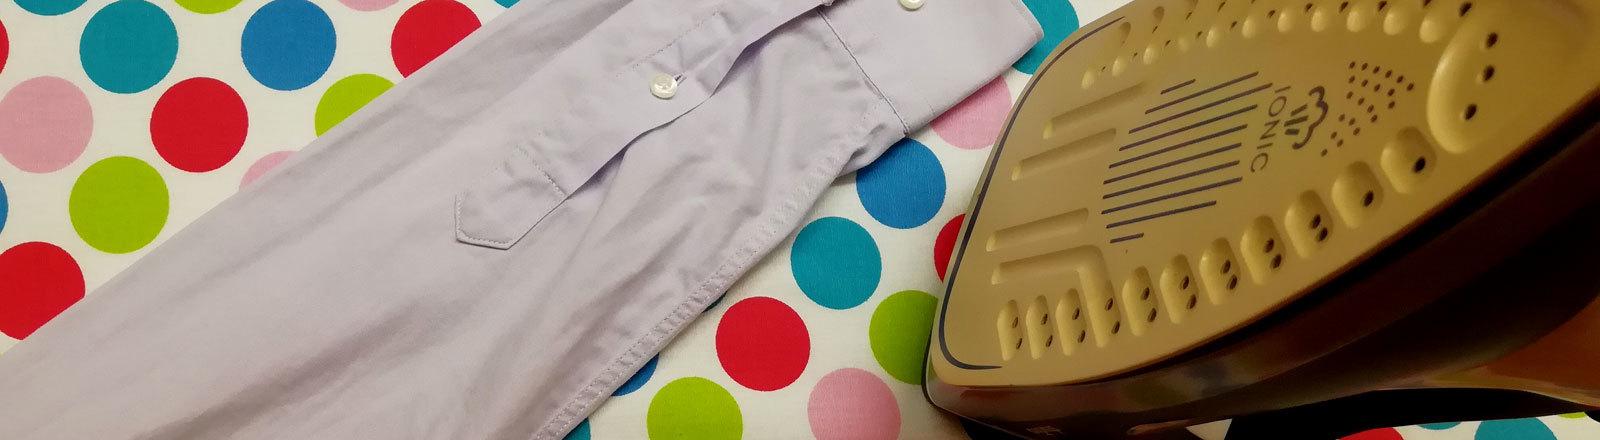 Bügelbrett mit einem Hemd und einem Bügeleisen darauf.